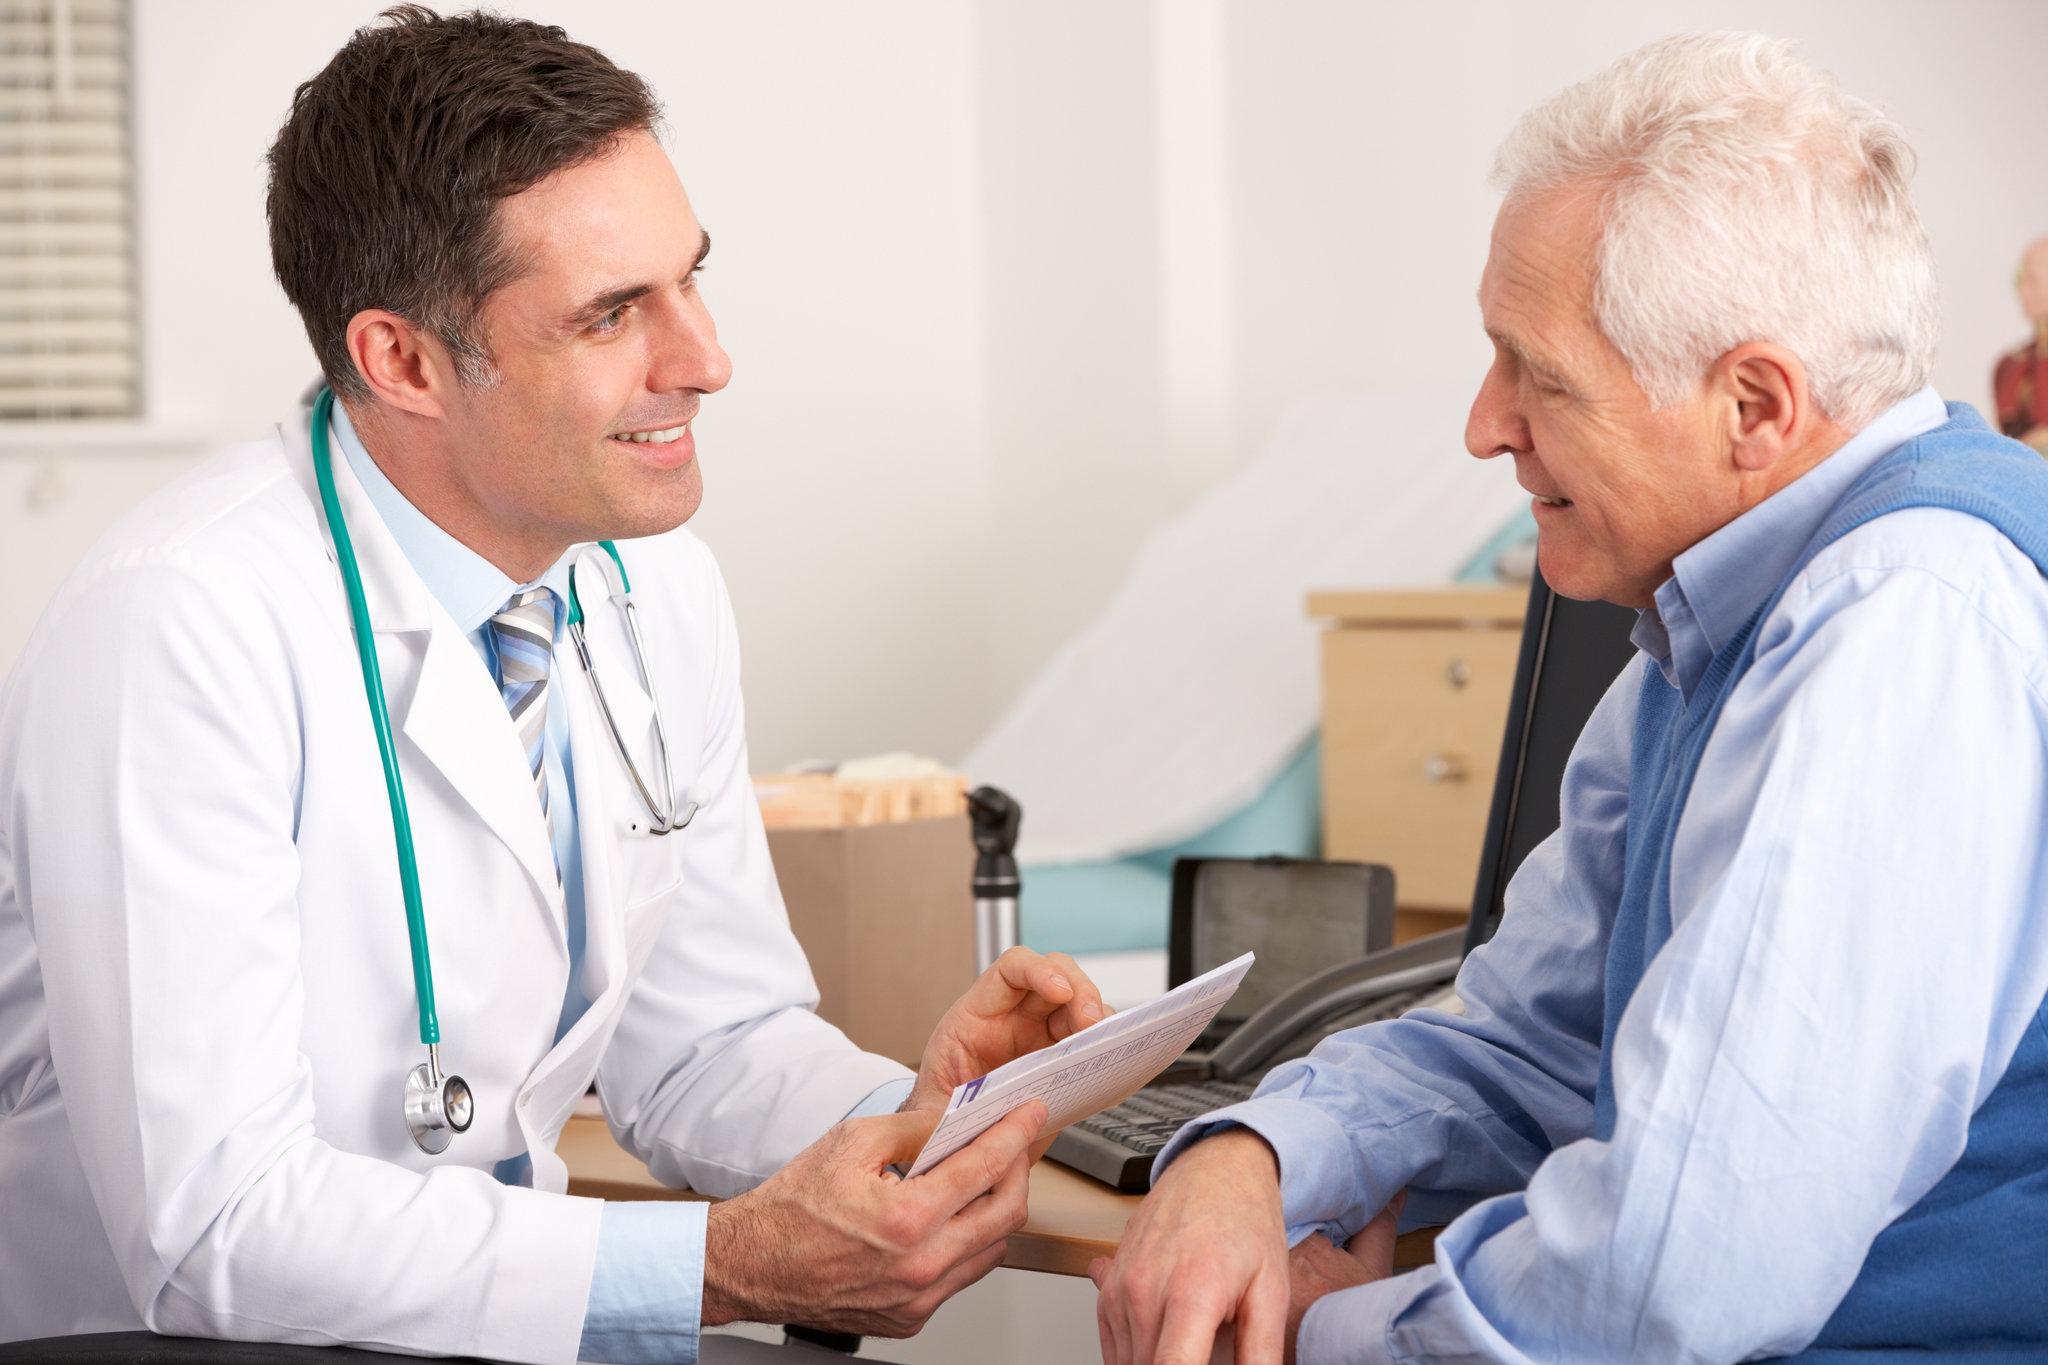 Anziani: come scegliere tra ricoveri di sollievo e post-acuzie?